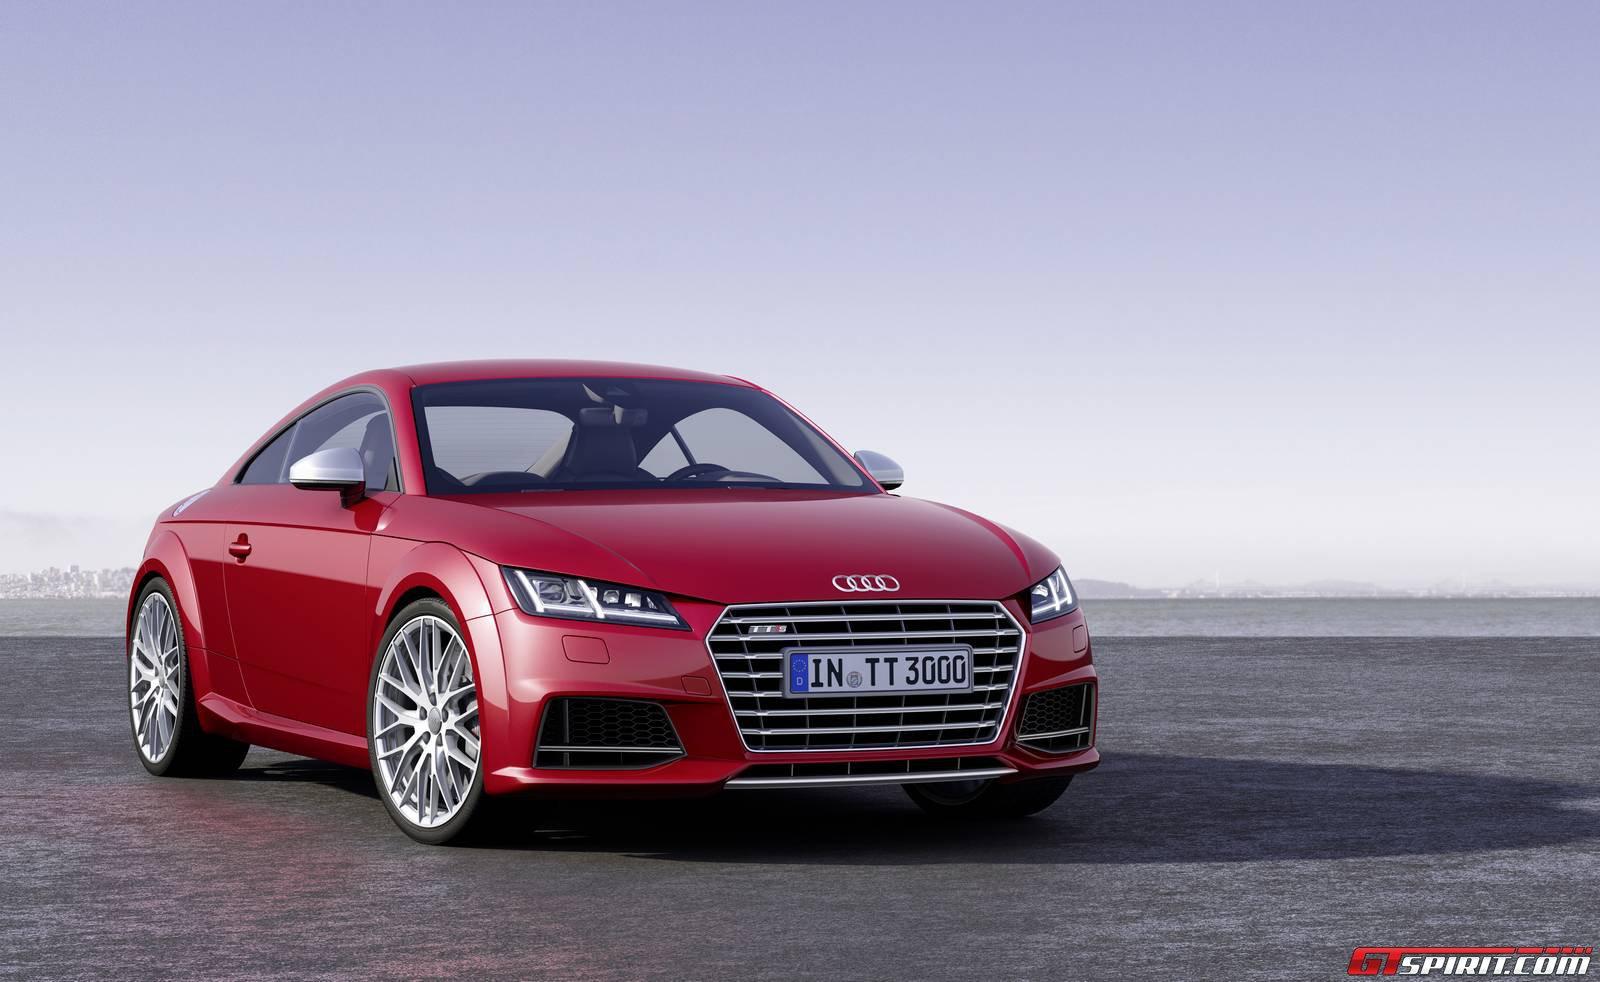 NextGen Audi TT RS To Ditch Manual Transmission GTspirit - Audi tt manual transmission